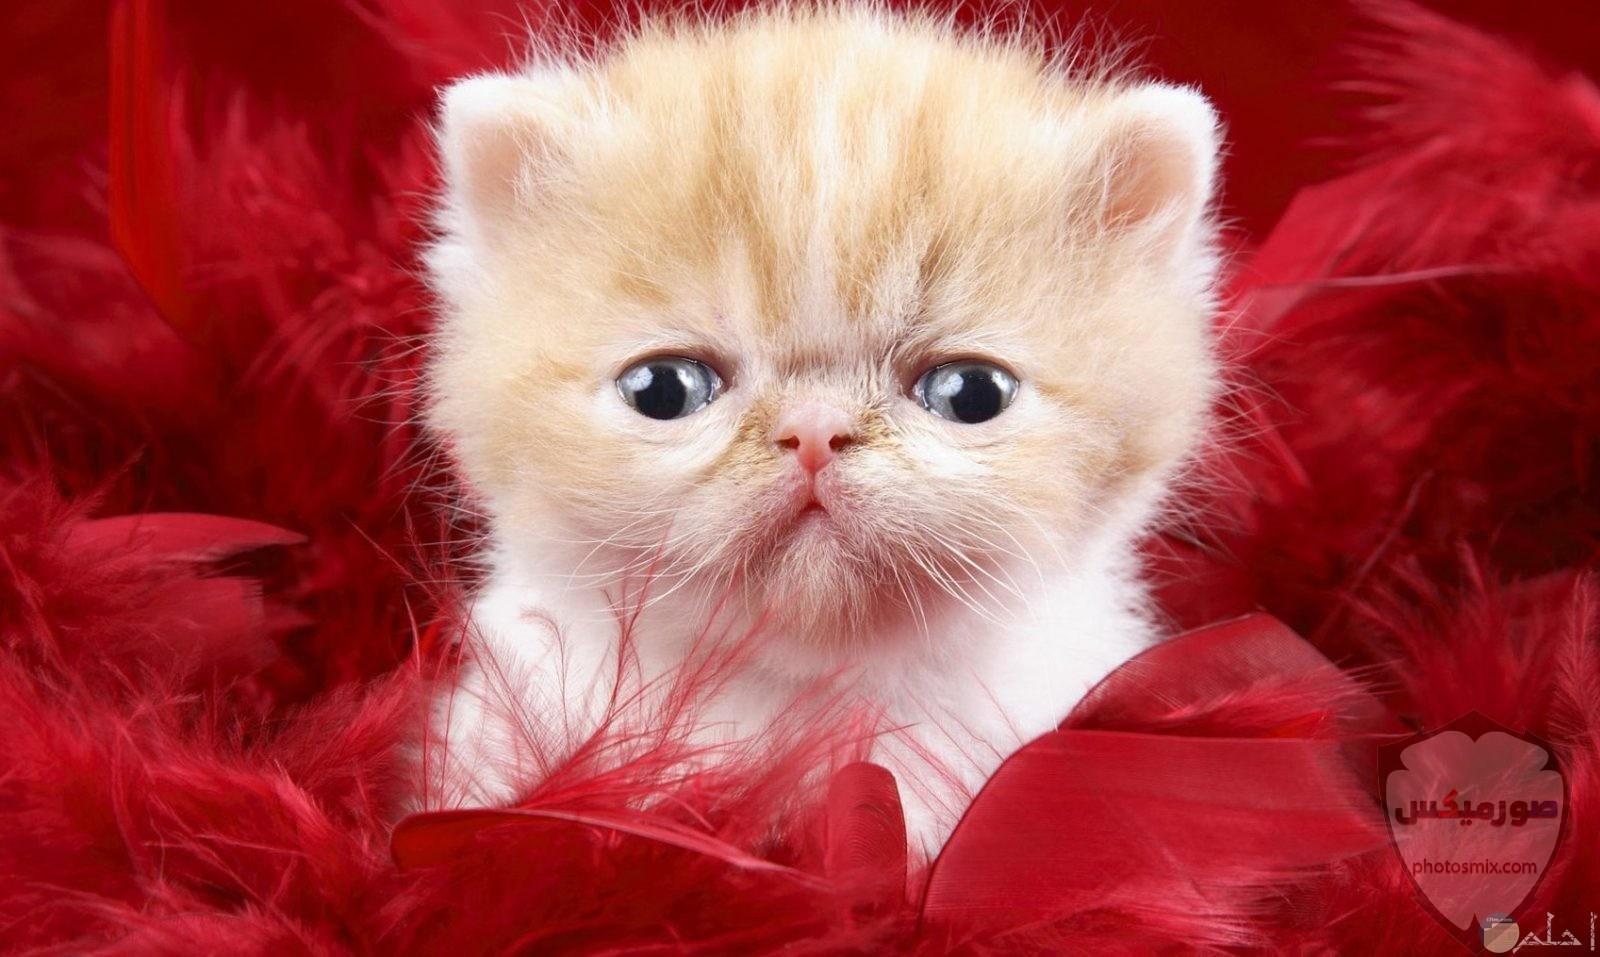 صور خلفيات رمزيات قطط كيوت صورة قطة كيوت جدا 4